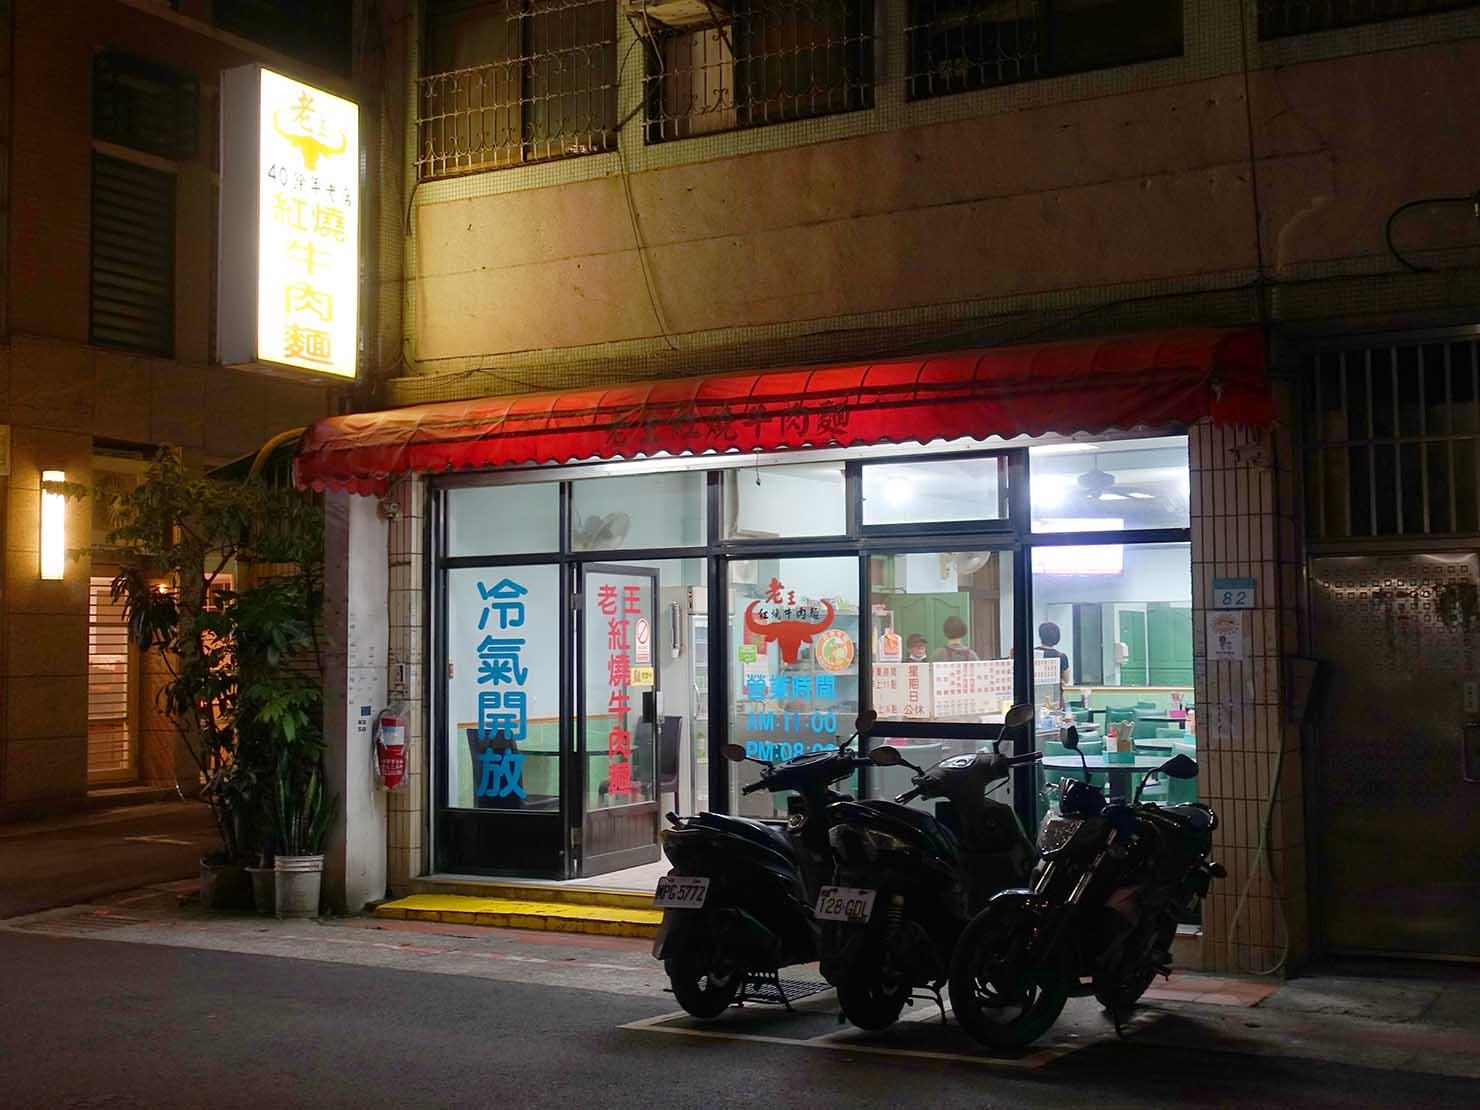 台北・古亭のおすすめグルメ店「老王紅燒牛肉麵」の外観